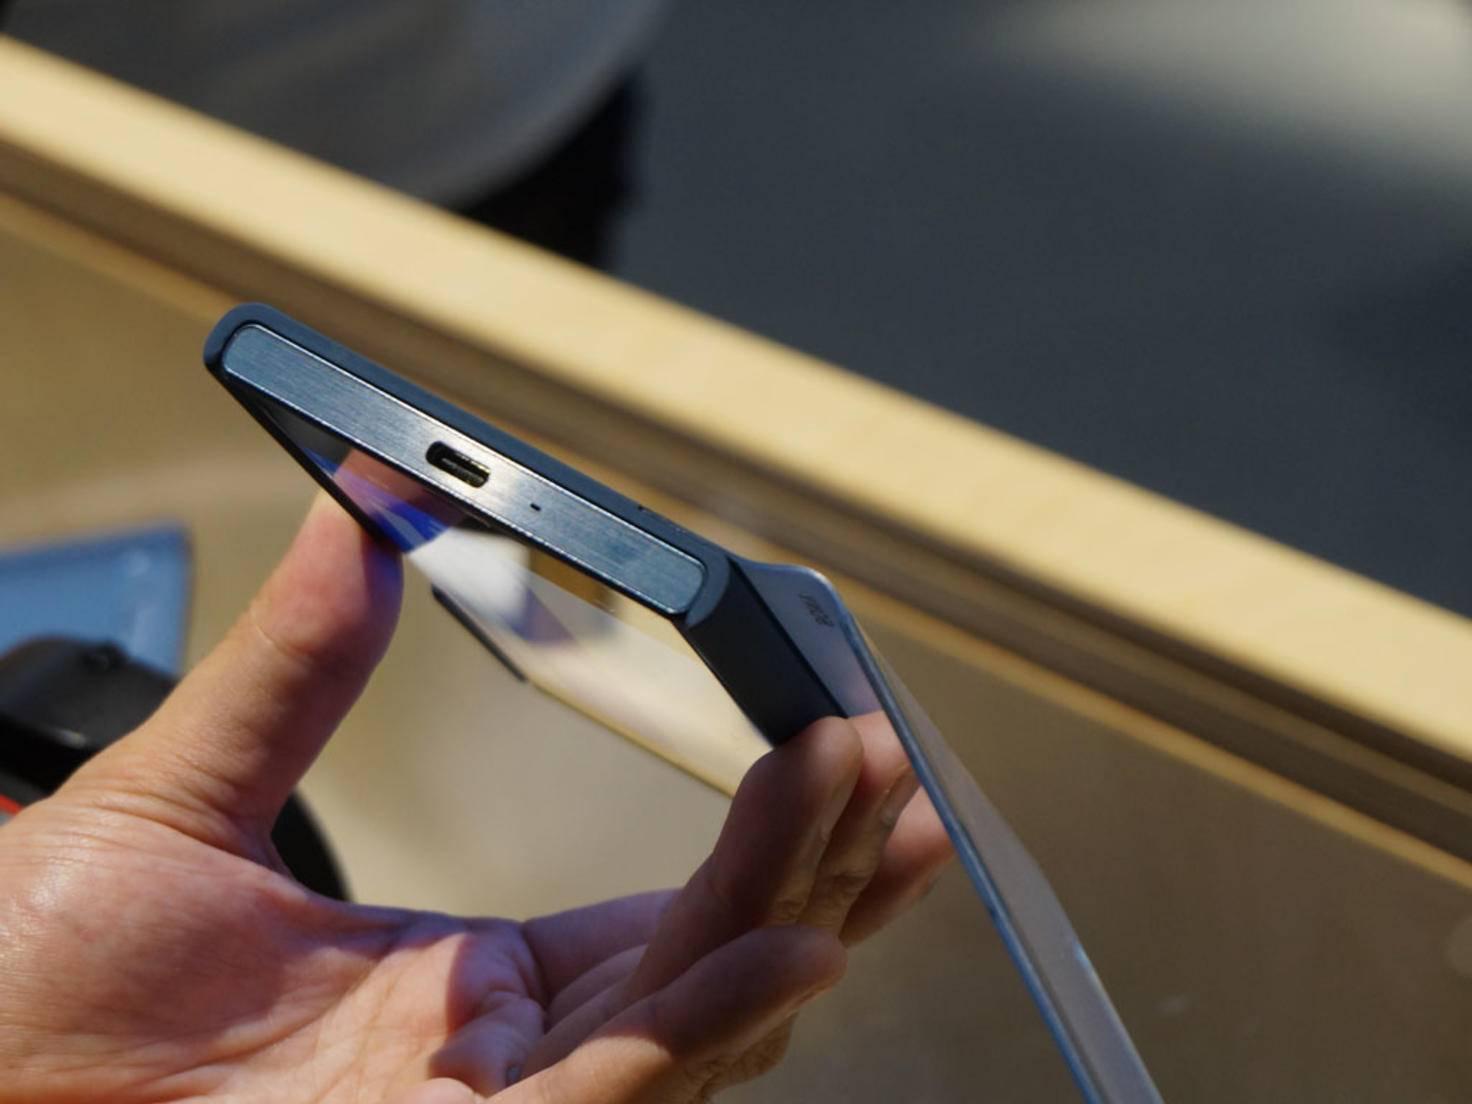 Geladen wird das Xperia XZ per USB Typ-C.